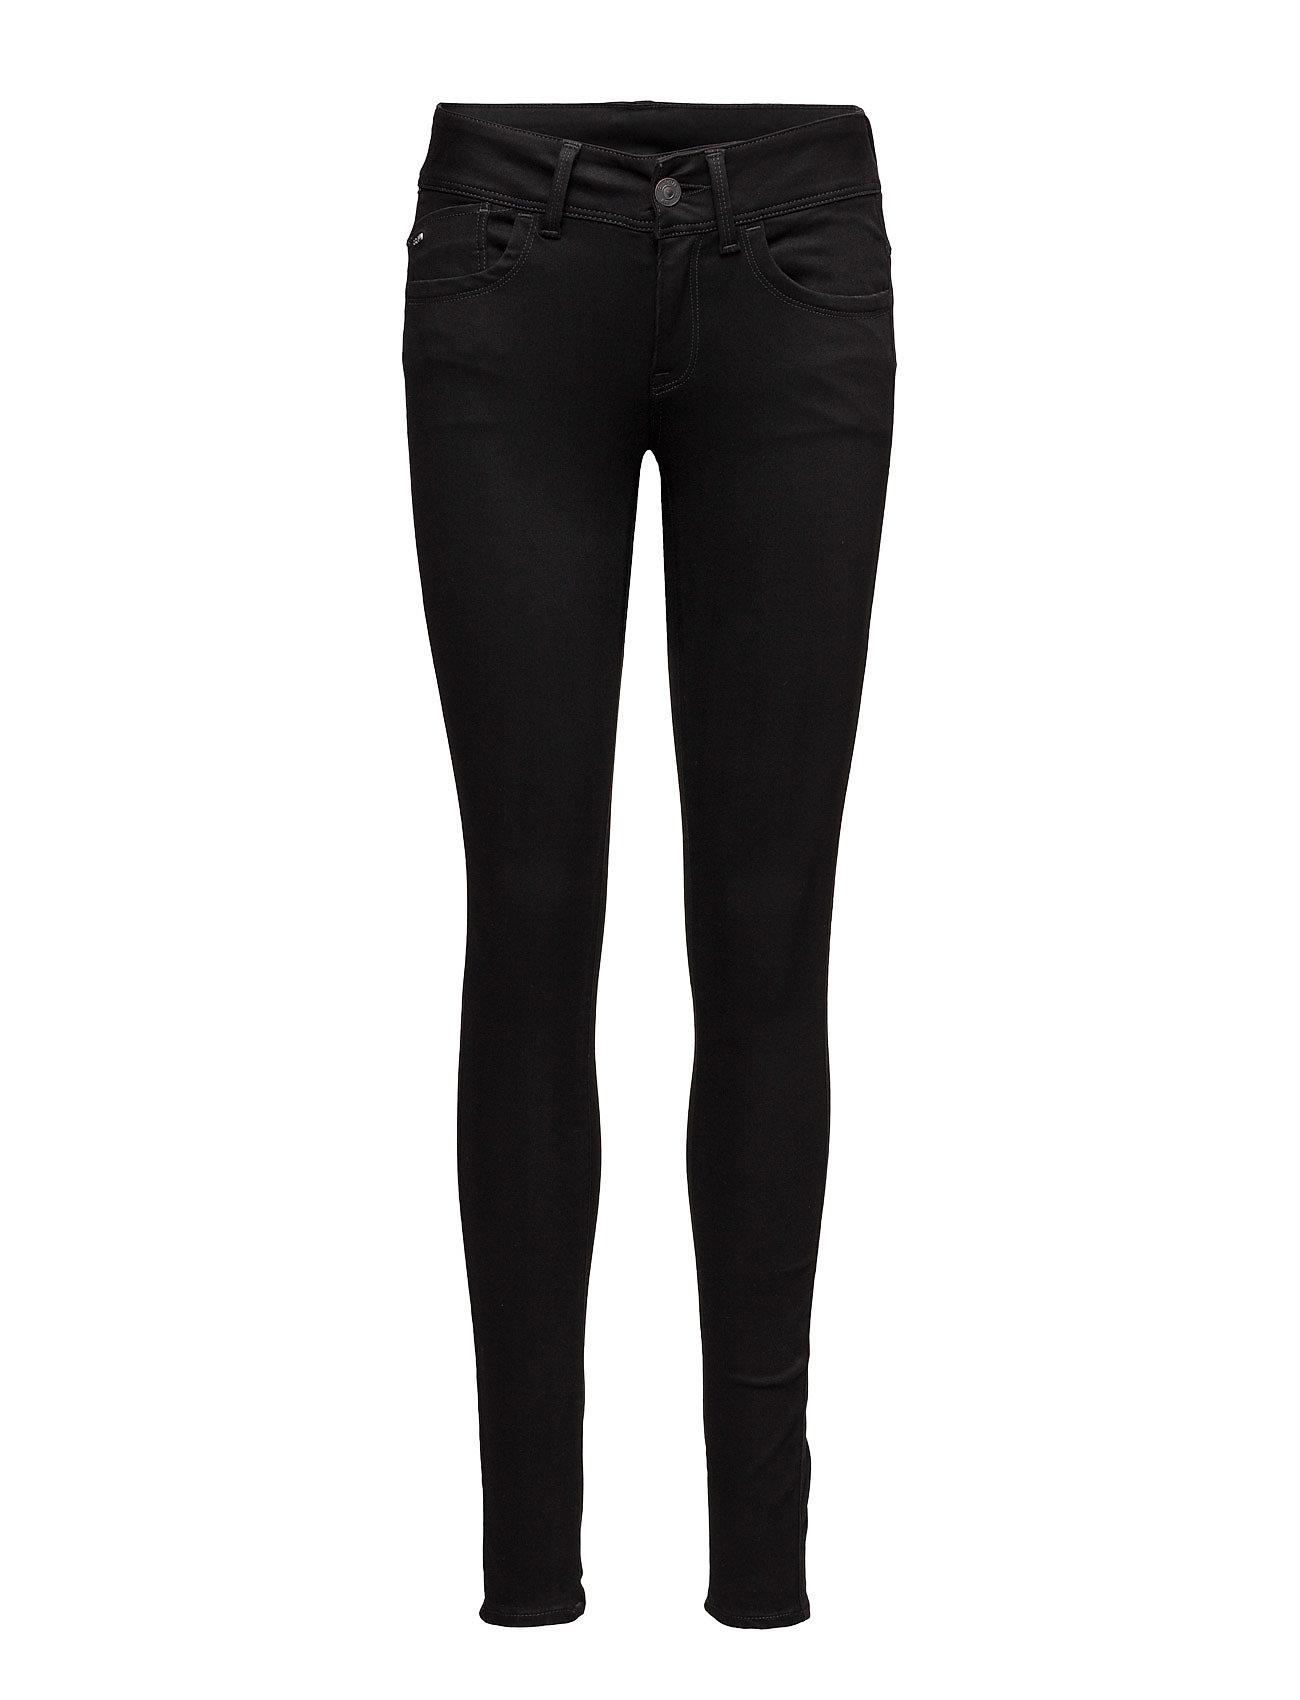 Lynn D-Mid Super Skinny Wmn G-star Jeans til Kvinder i